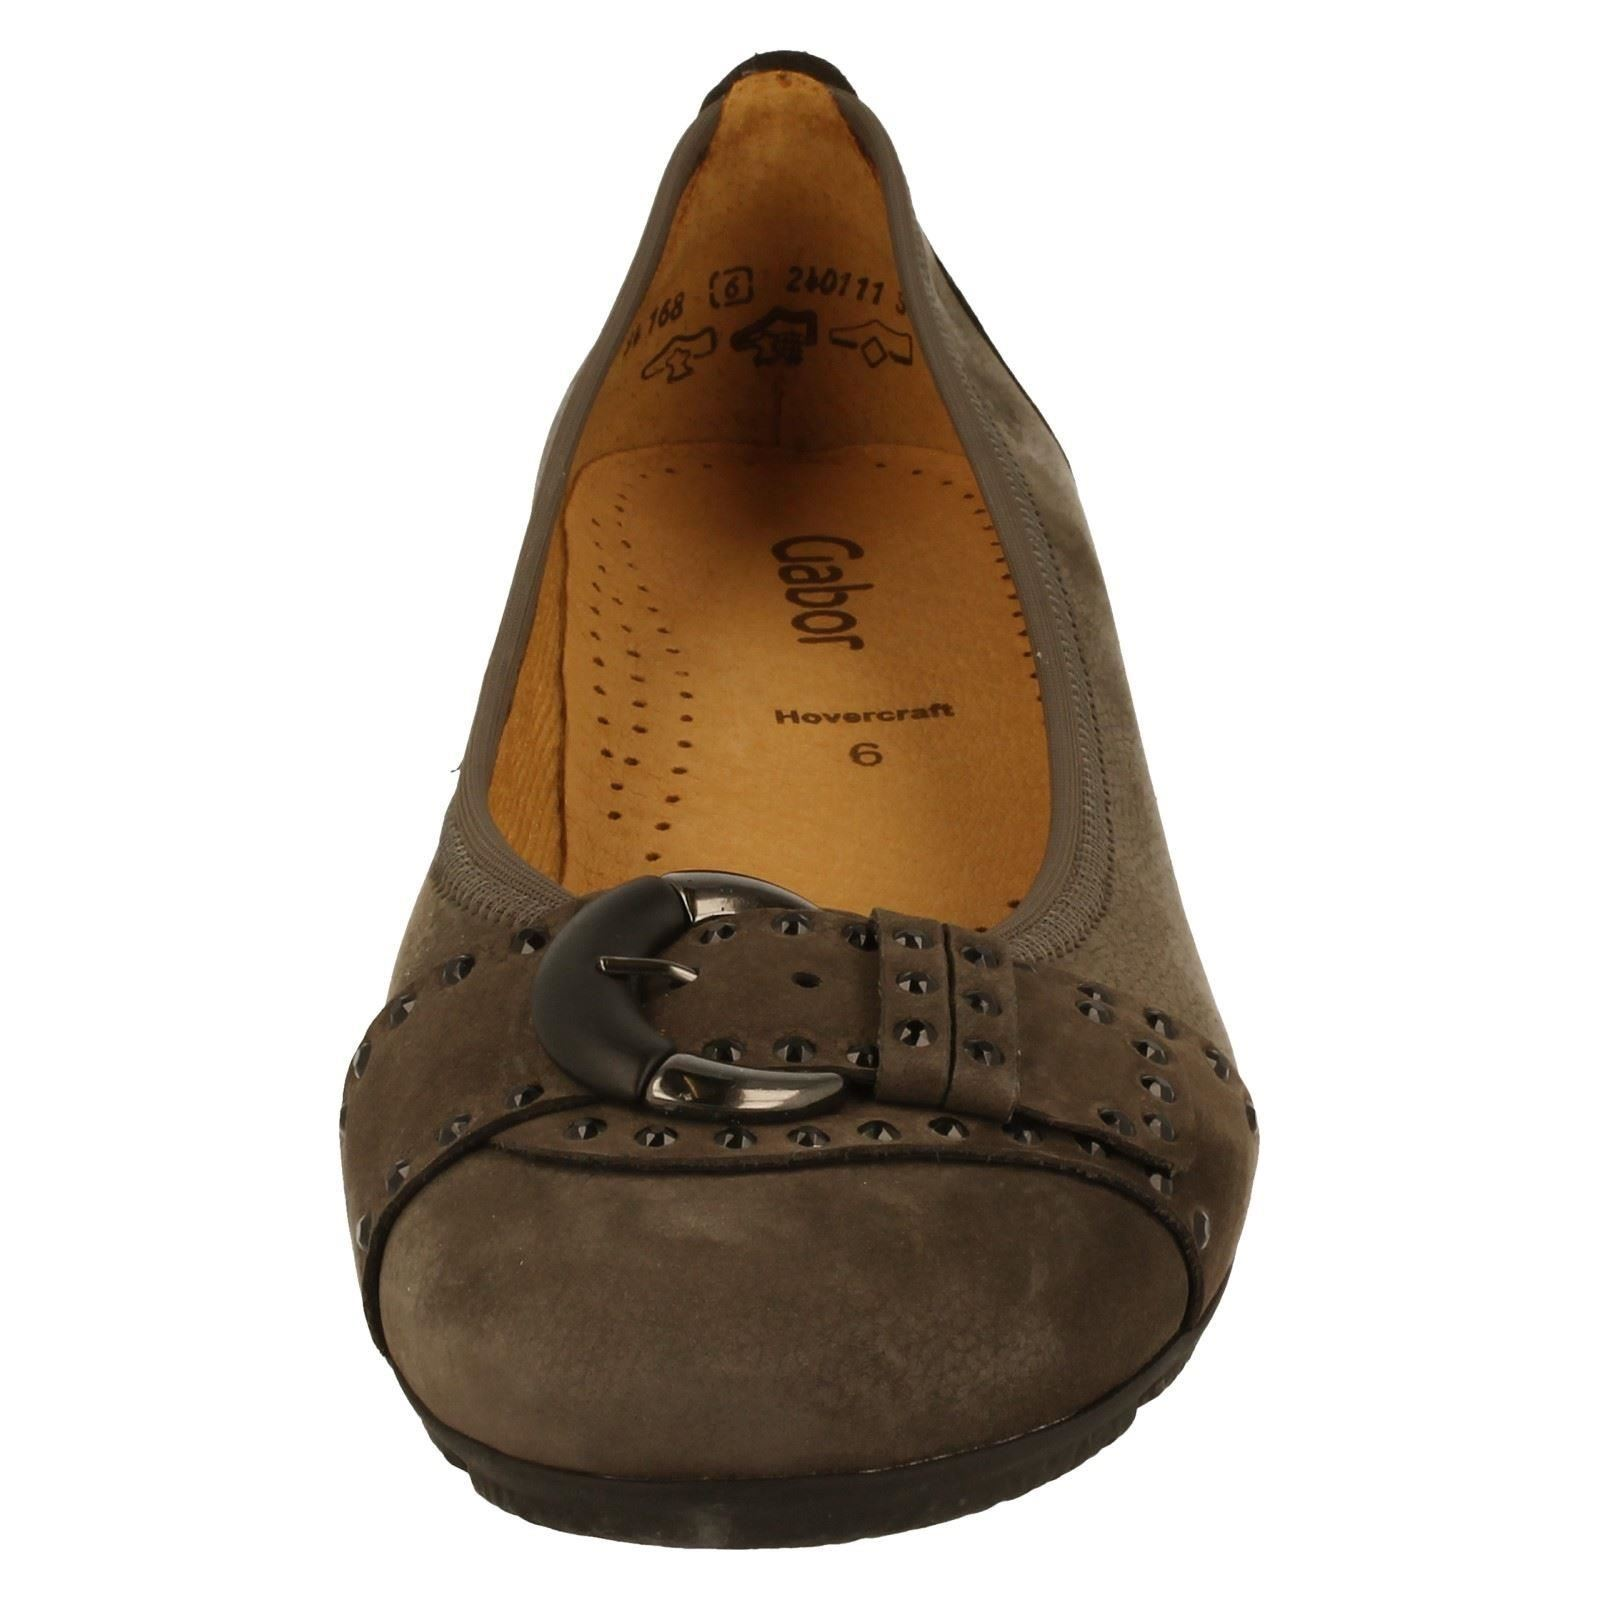 Ebay Uk Gabor Shoes